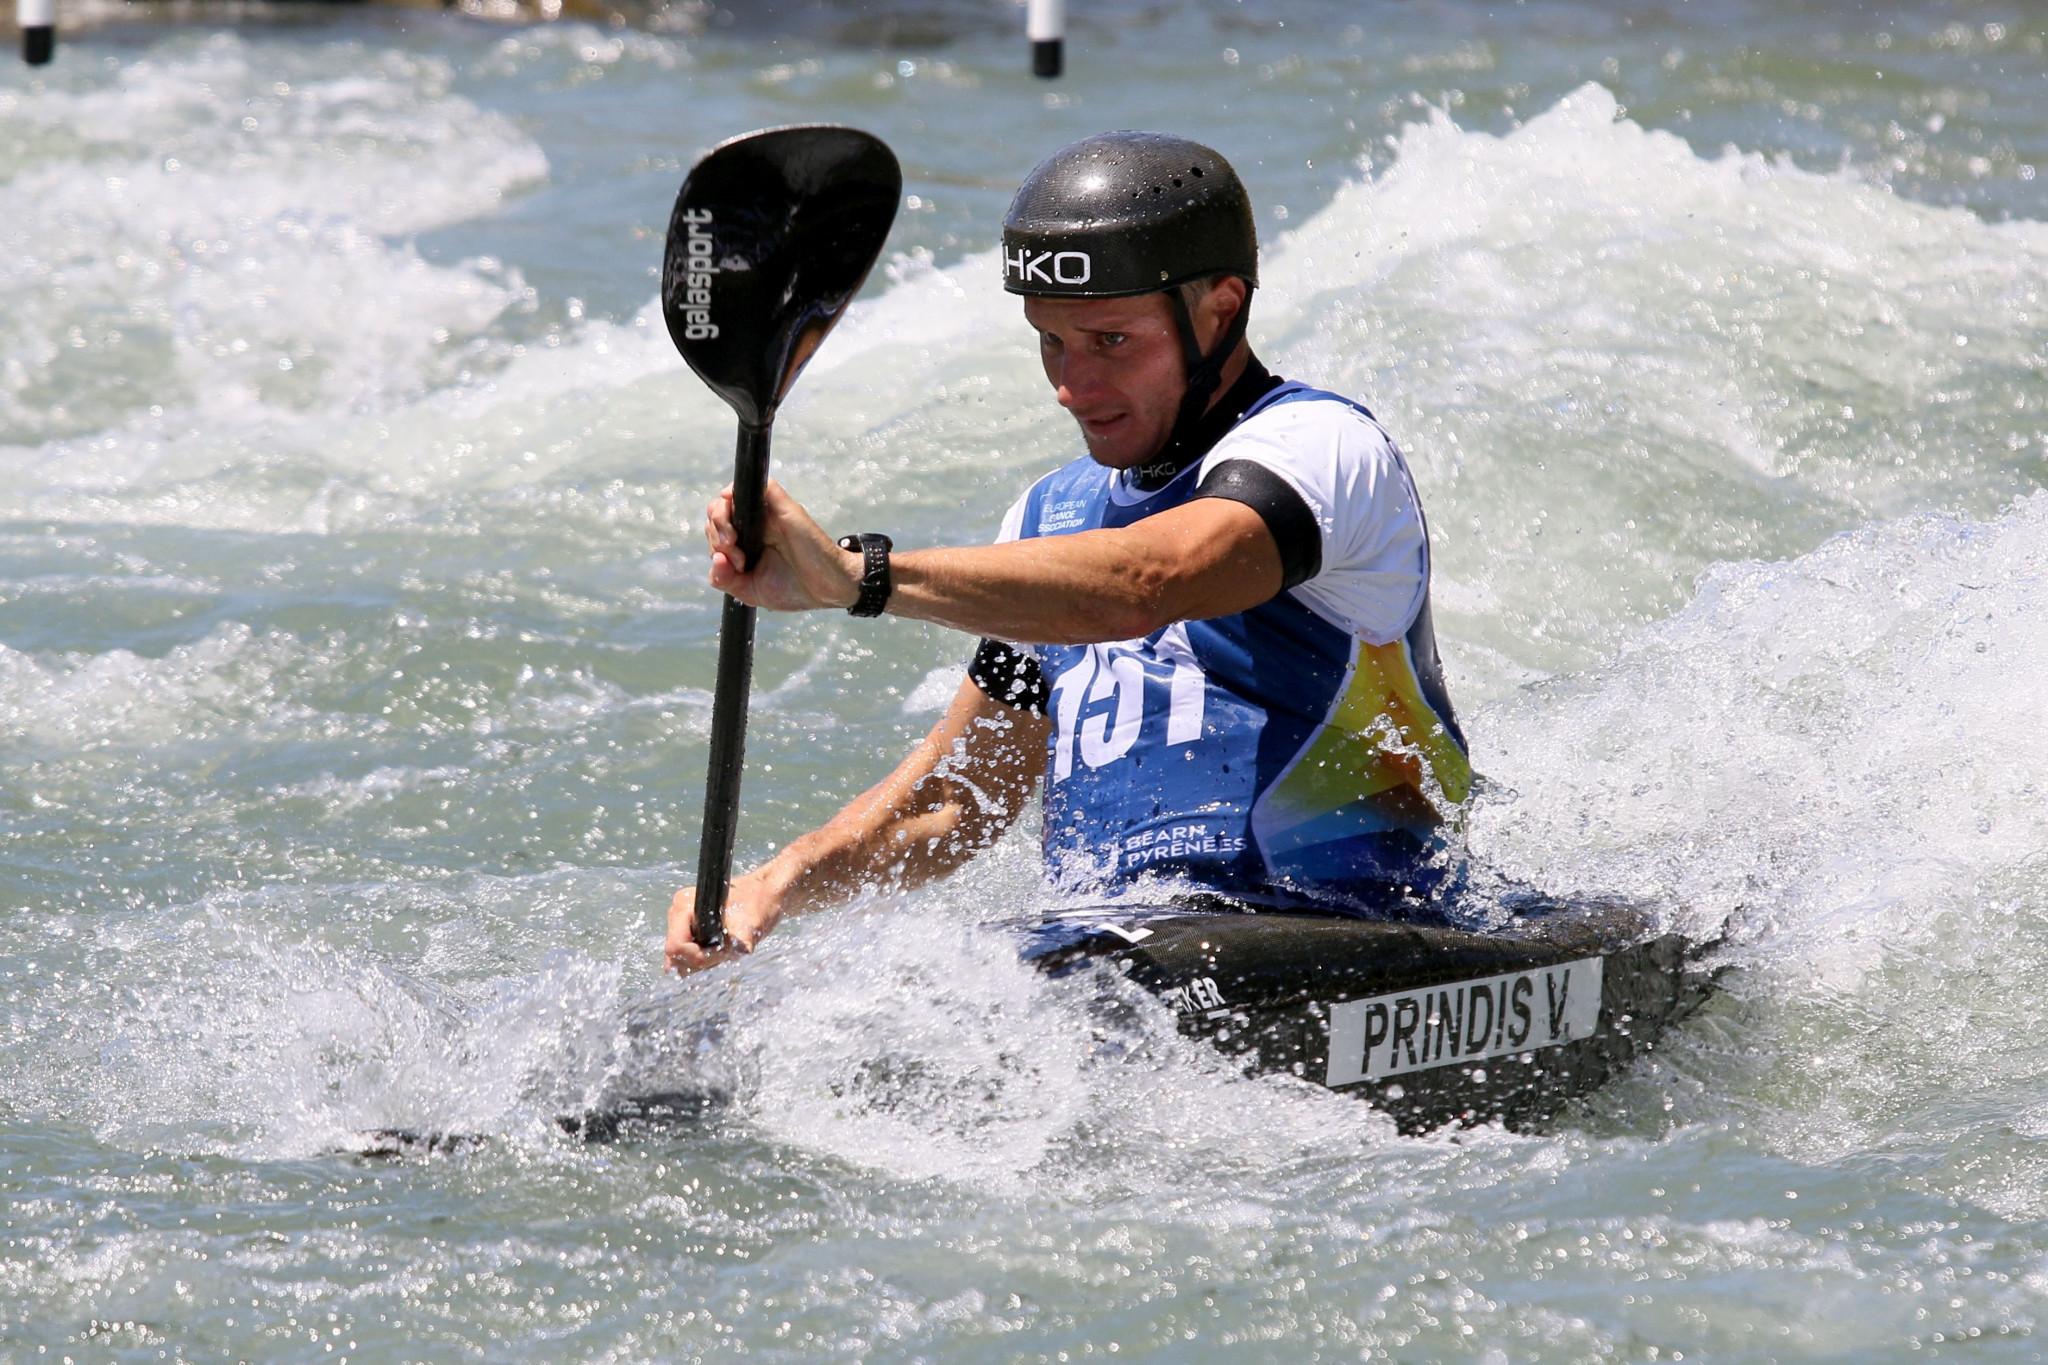 Czech paddler Vit Prindiš became European champion in the men's K1 event at the European Canoe Association European Canoe Slalom Championships ©ECA